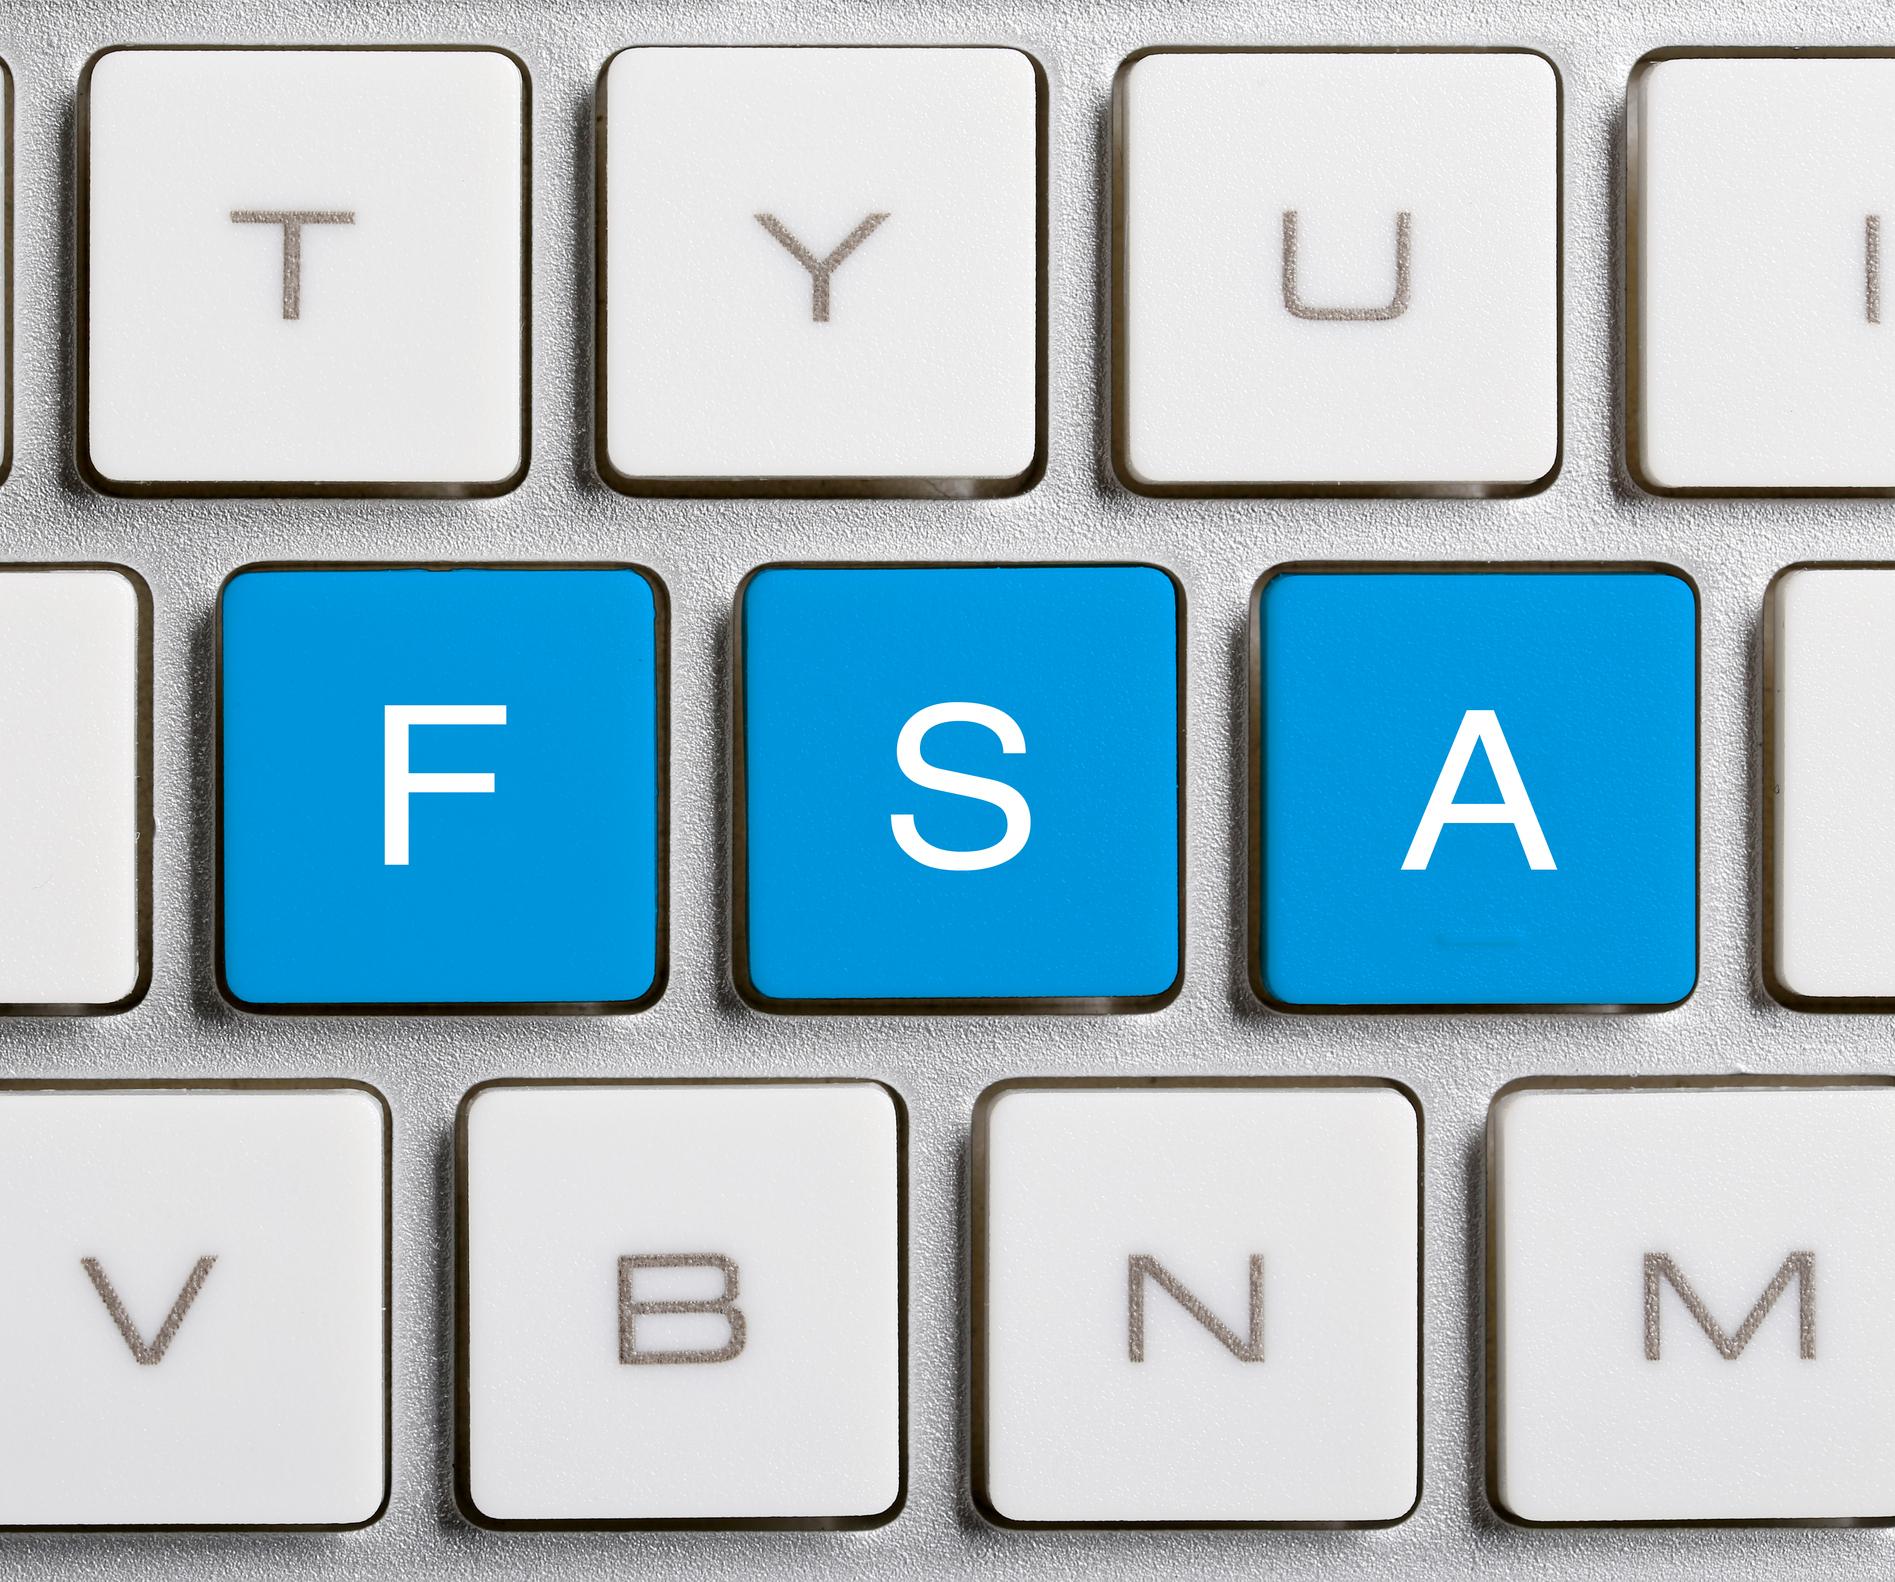 FSA in blue keys on a computer keyboard